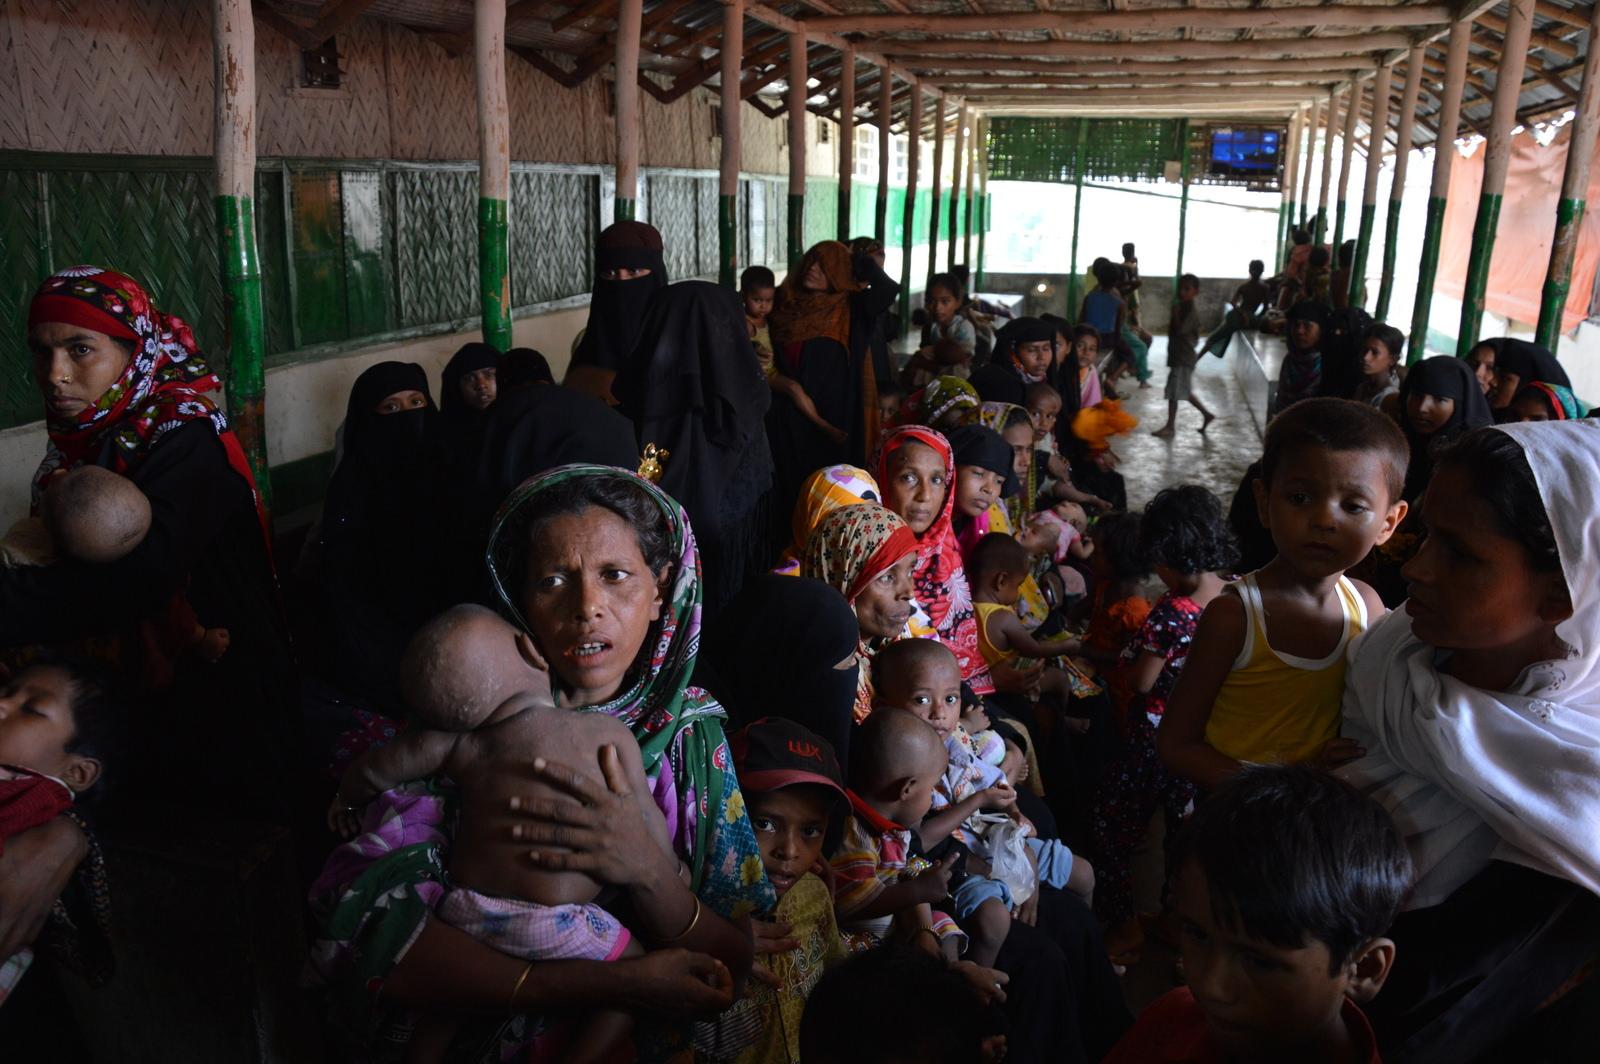 Flight of the Rohingya